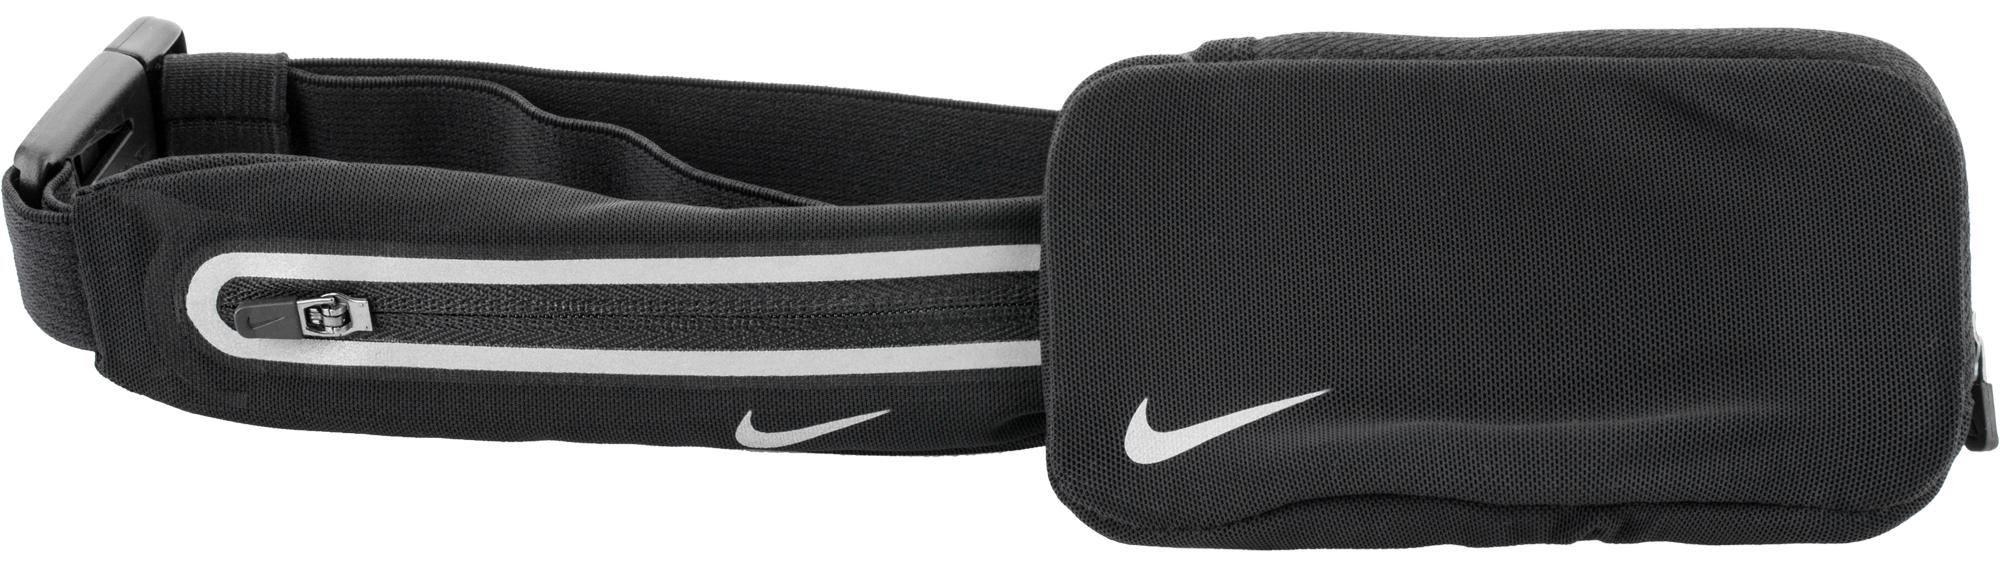 Nike Сумка на пояс Nike Lean 2 nike nike ni464emfnd33